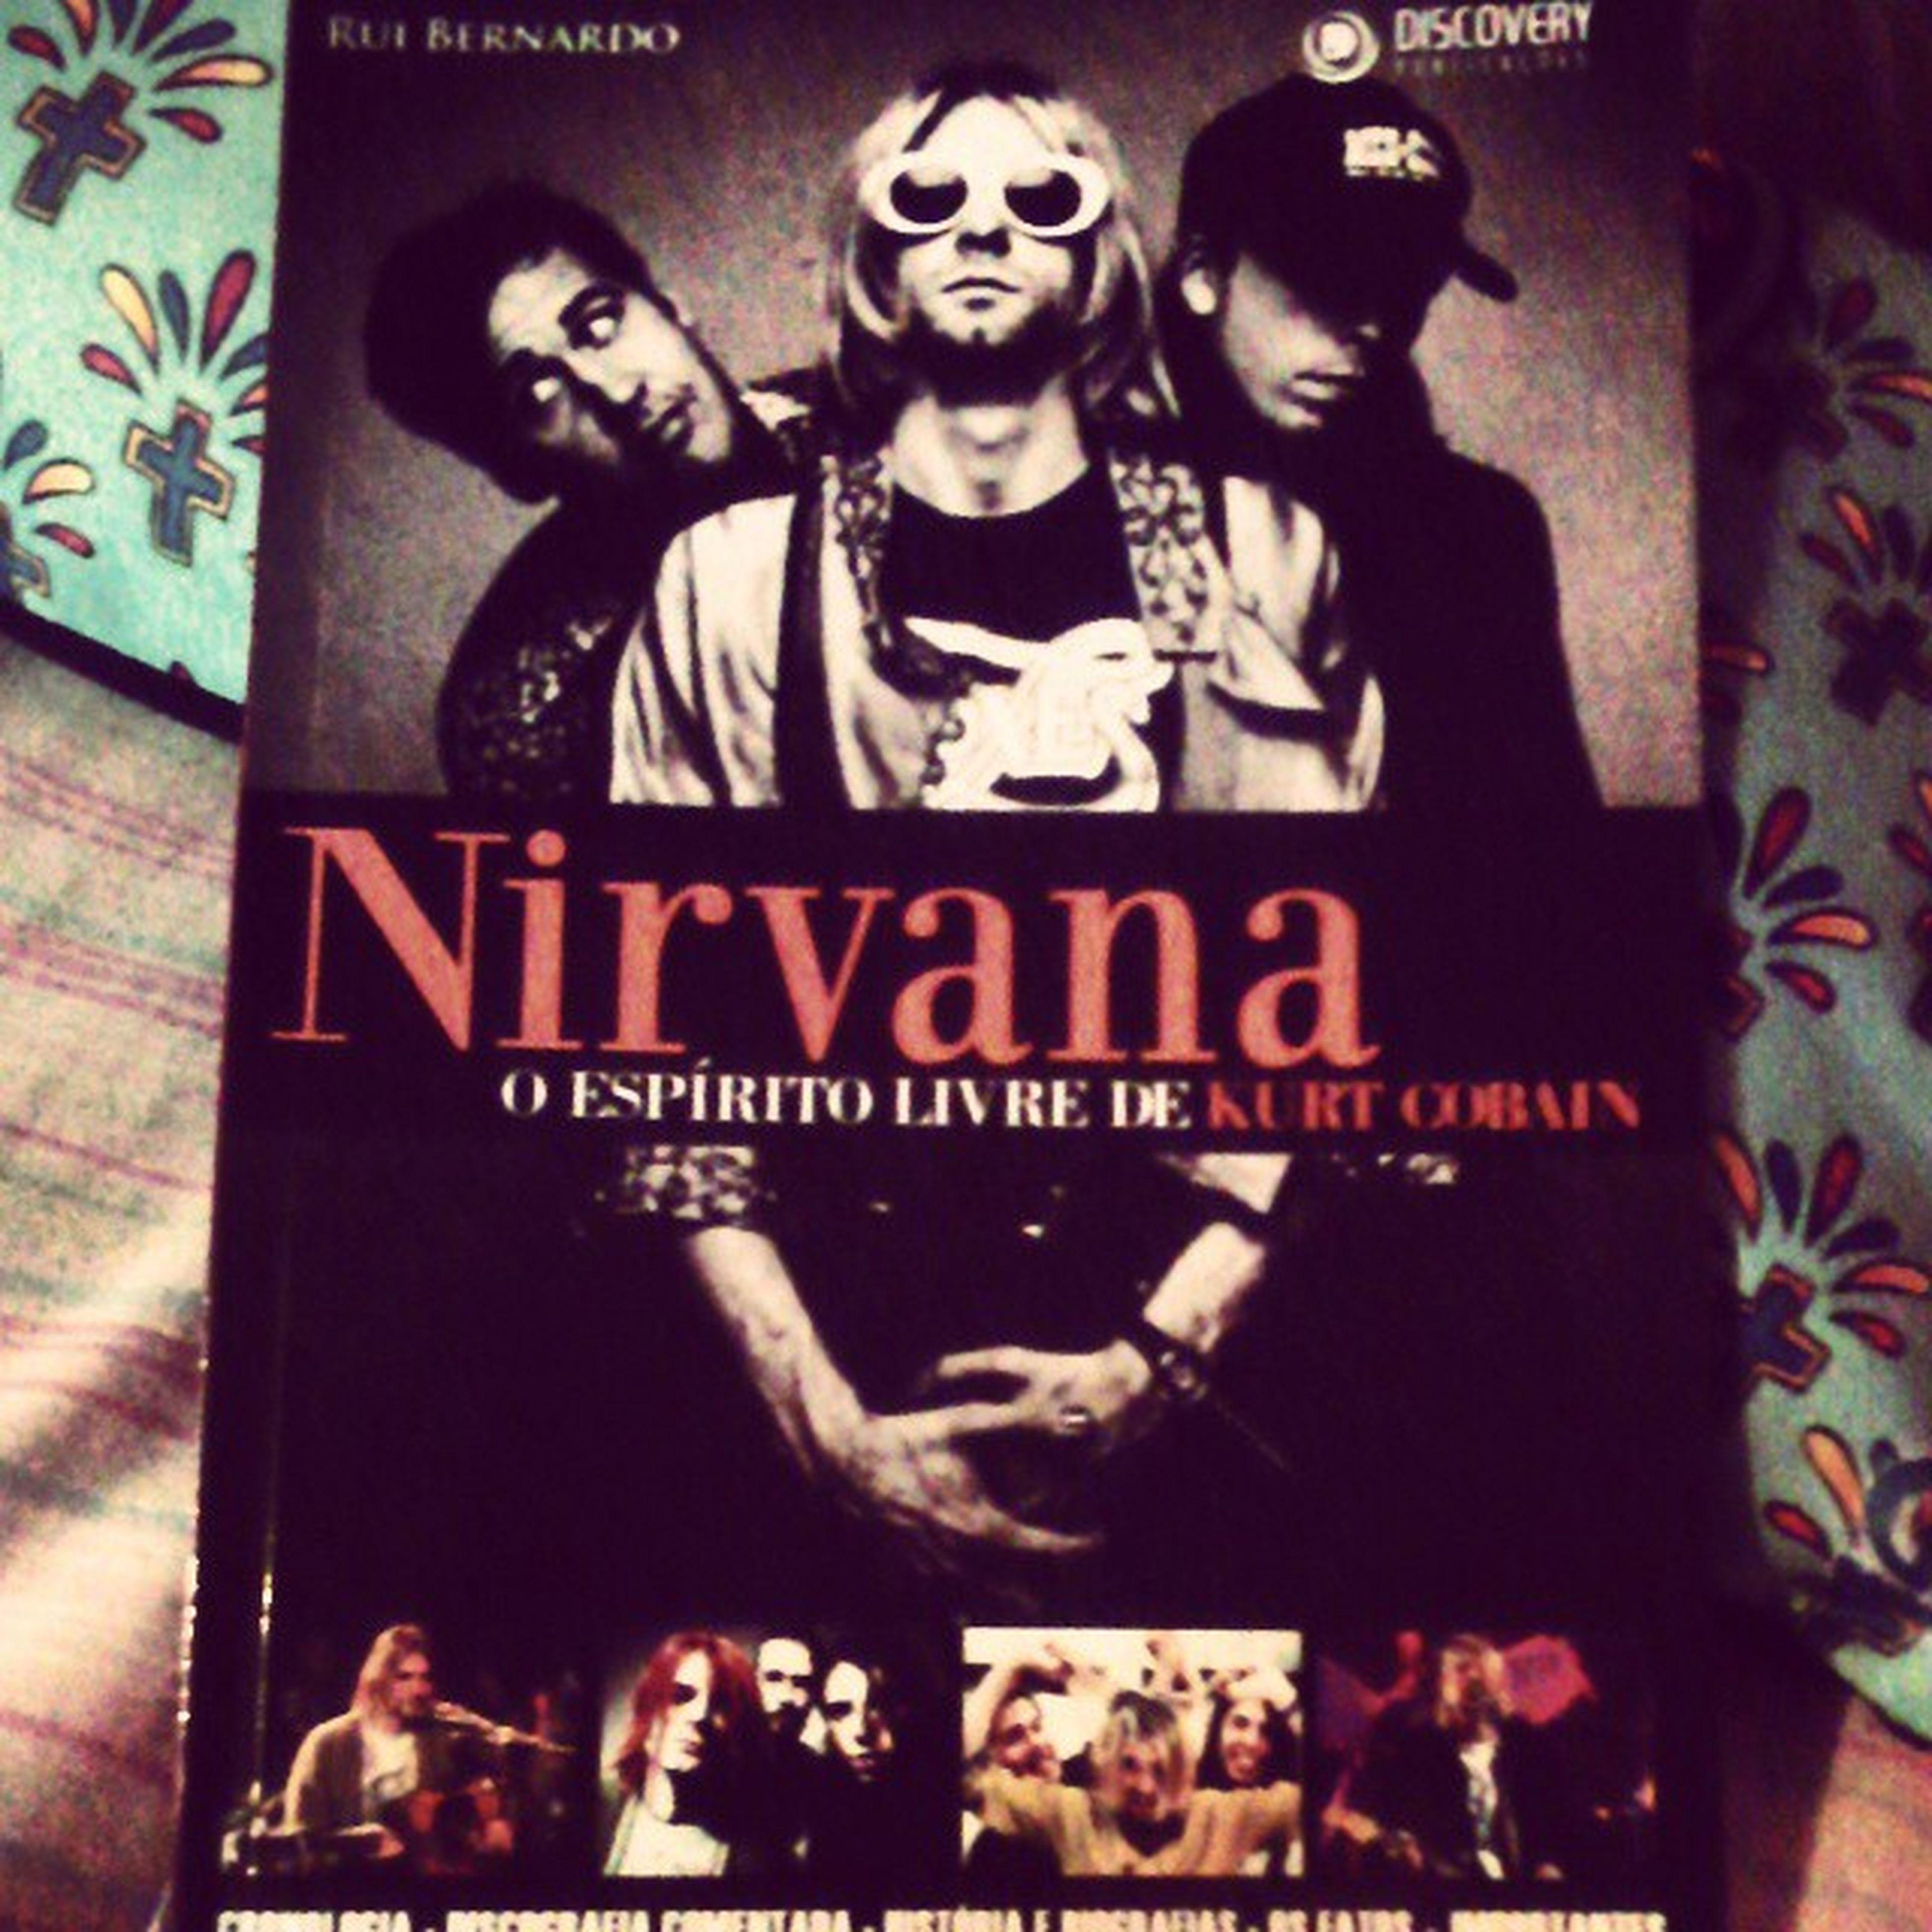 meu novo livro do Nirvana O espírito livre de Kurt Cobain ❤ Nirvana FooFighters Kurtcobain Kristnovoselic Davegrohl OespíritolivredeKurtCobain RuiBernardo Biografiakurtcobain